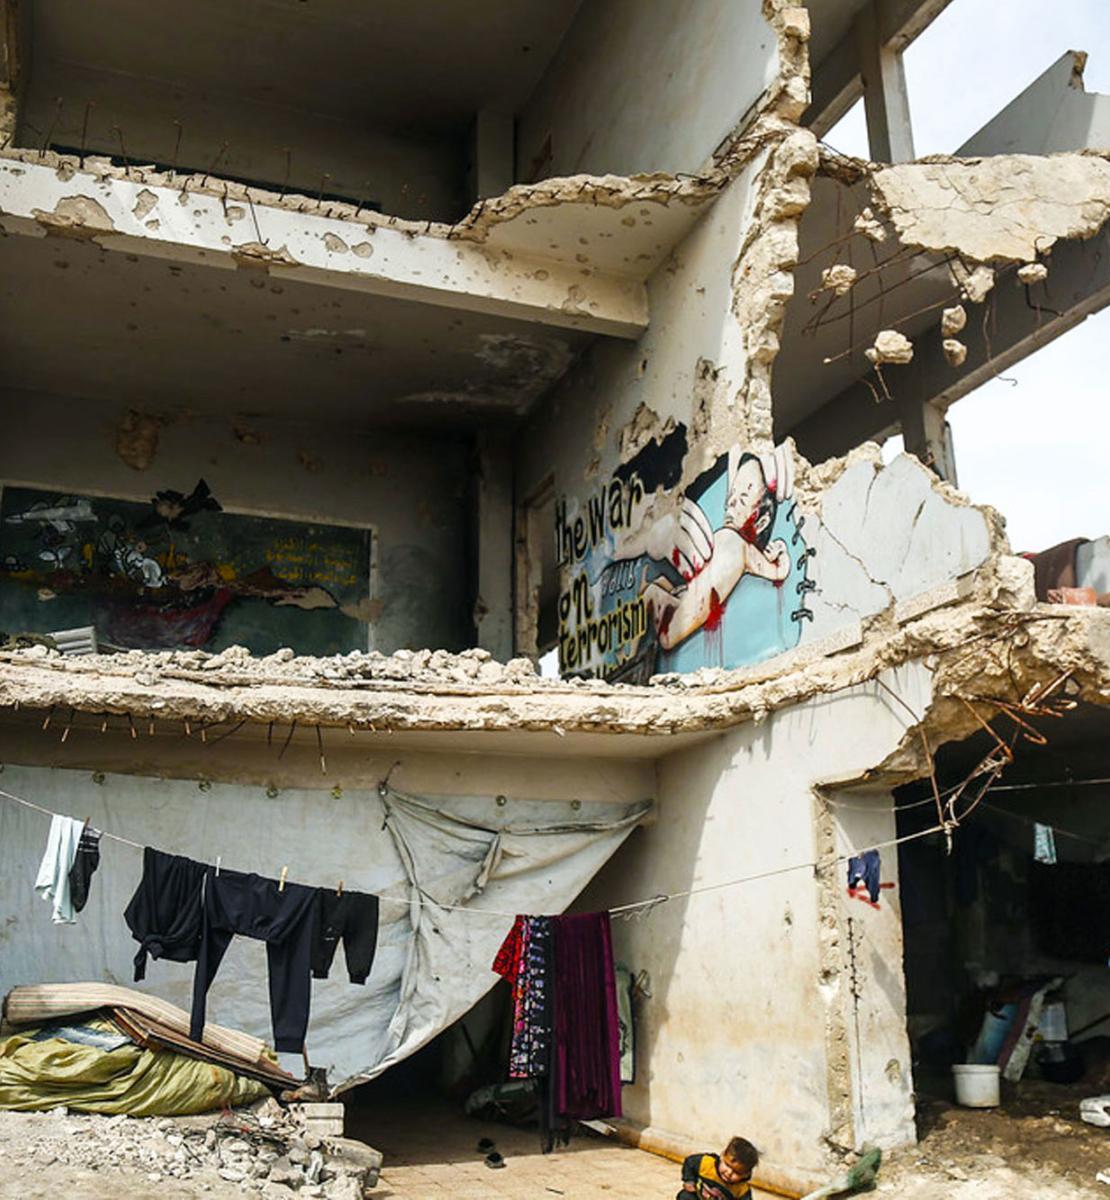 Женщина в синем платье и несколько детей стоят в наполовину разрушенного здания.